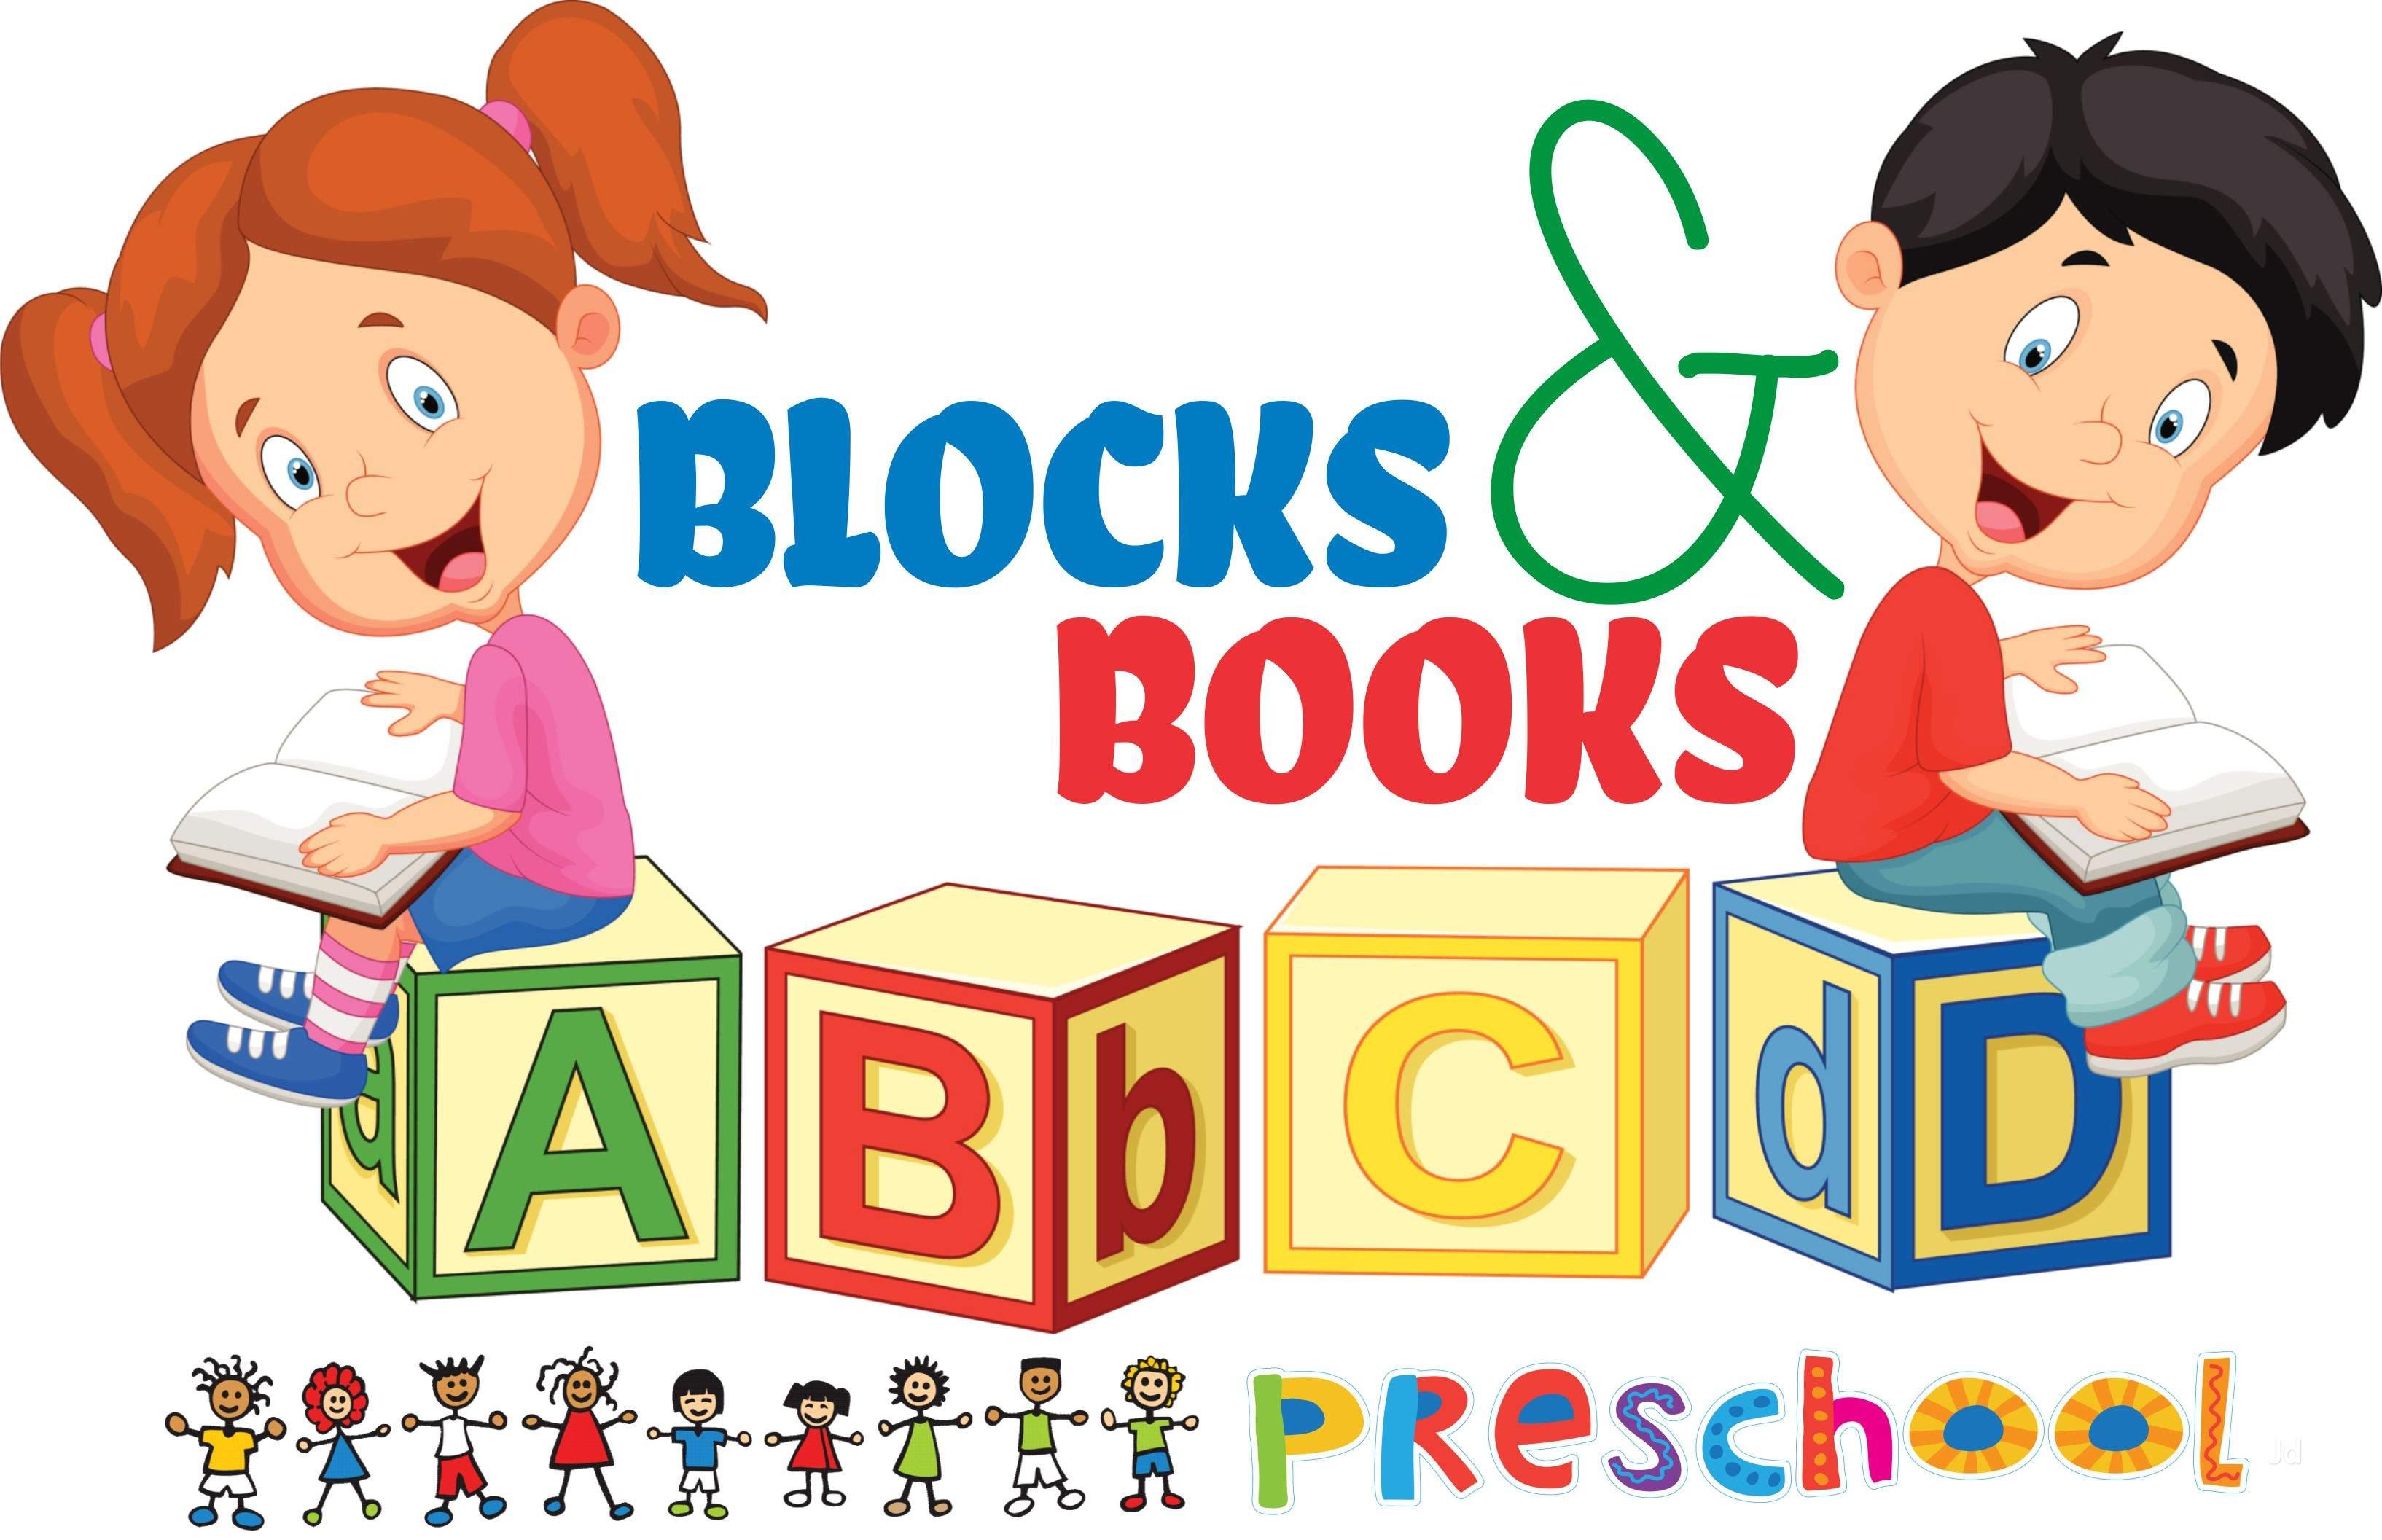 Blocks books photos mhasrul. Block clipart preschool block